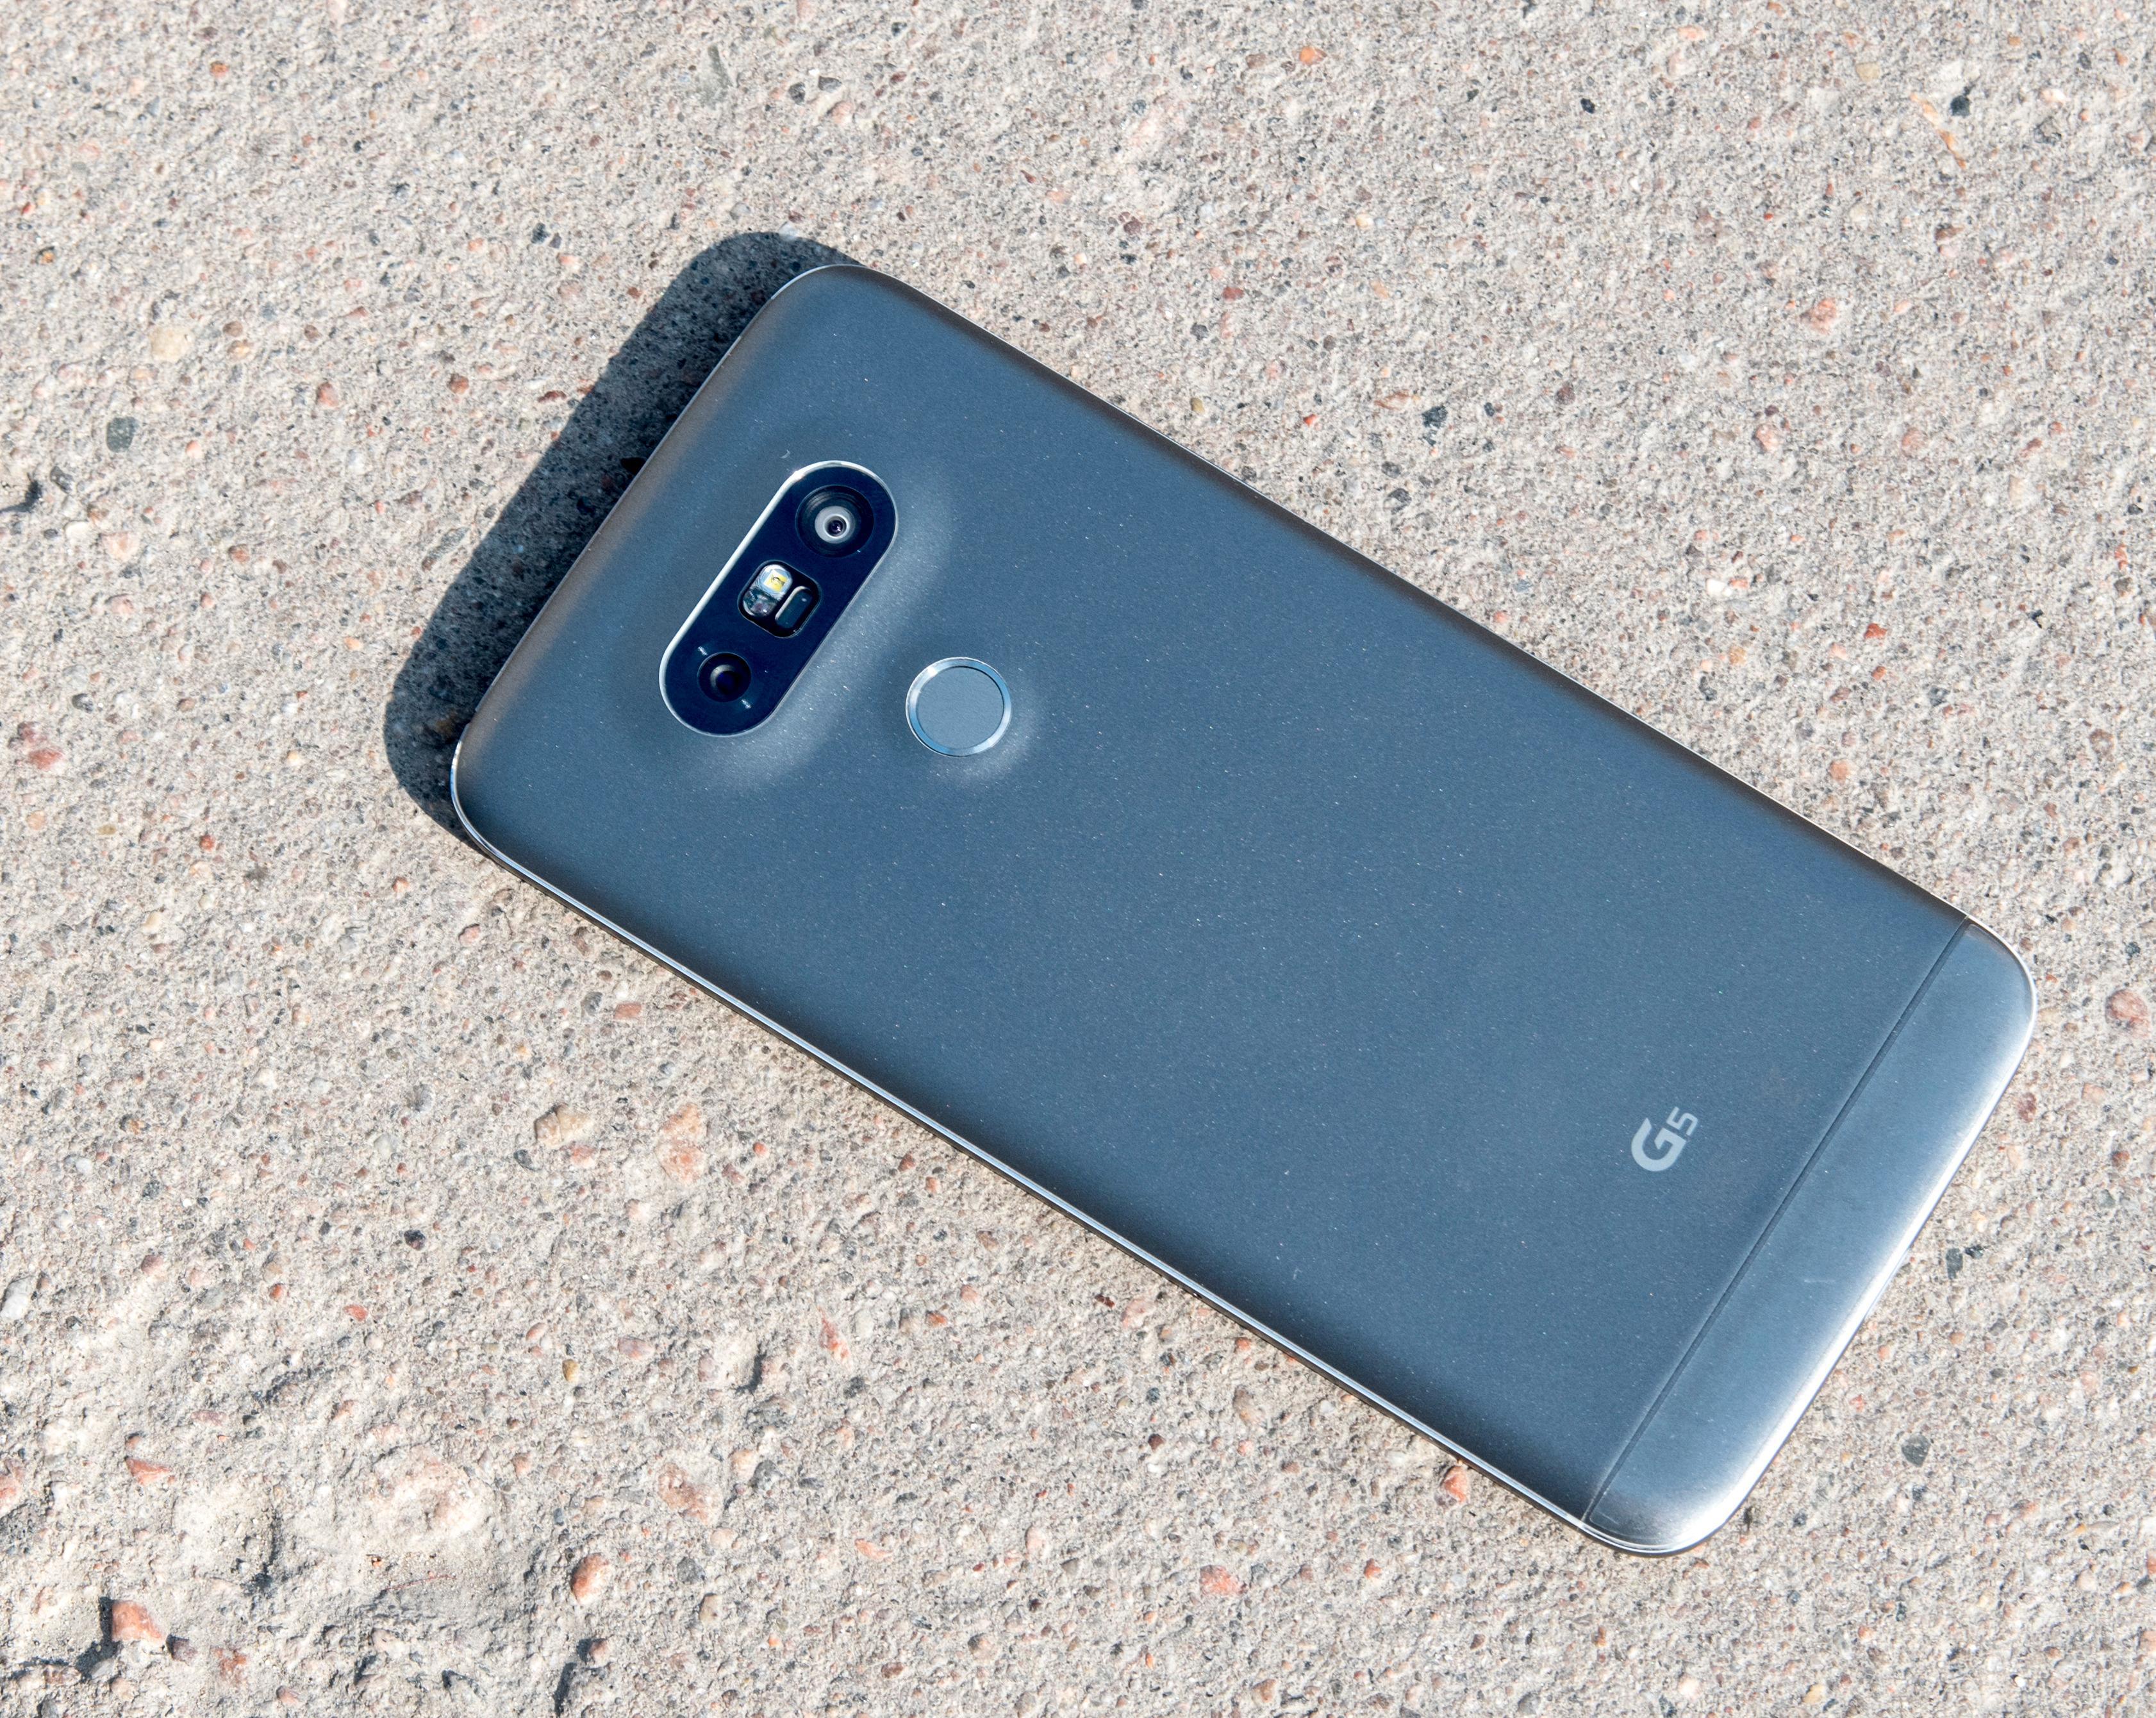 G Flex 3 får tilsynelatende mange likhetstrekk med G5, her avbildet, blant annet modulært design og dobbeltkamera.